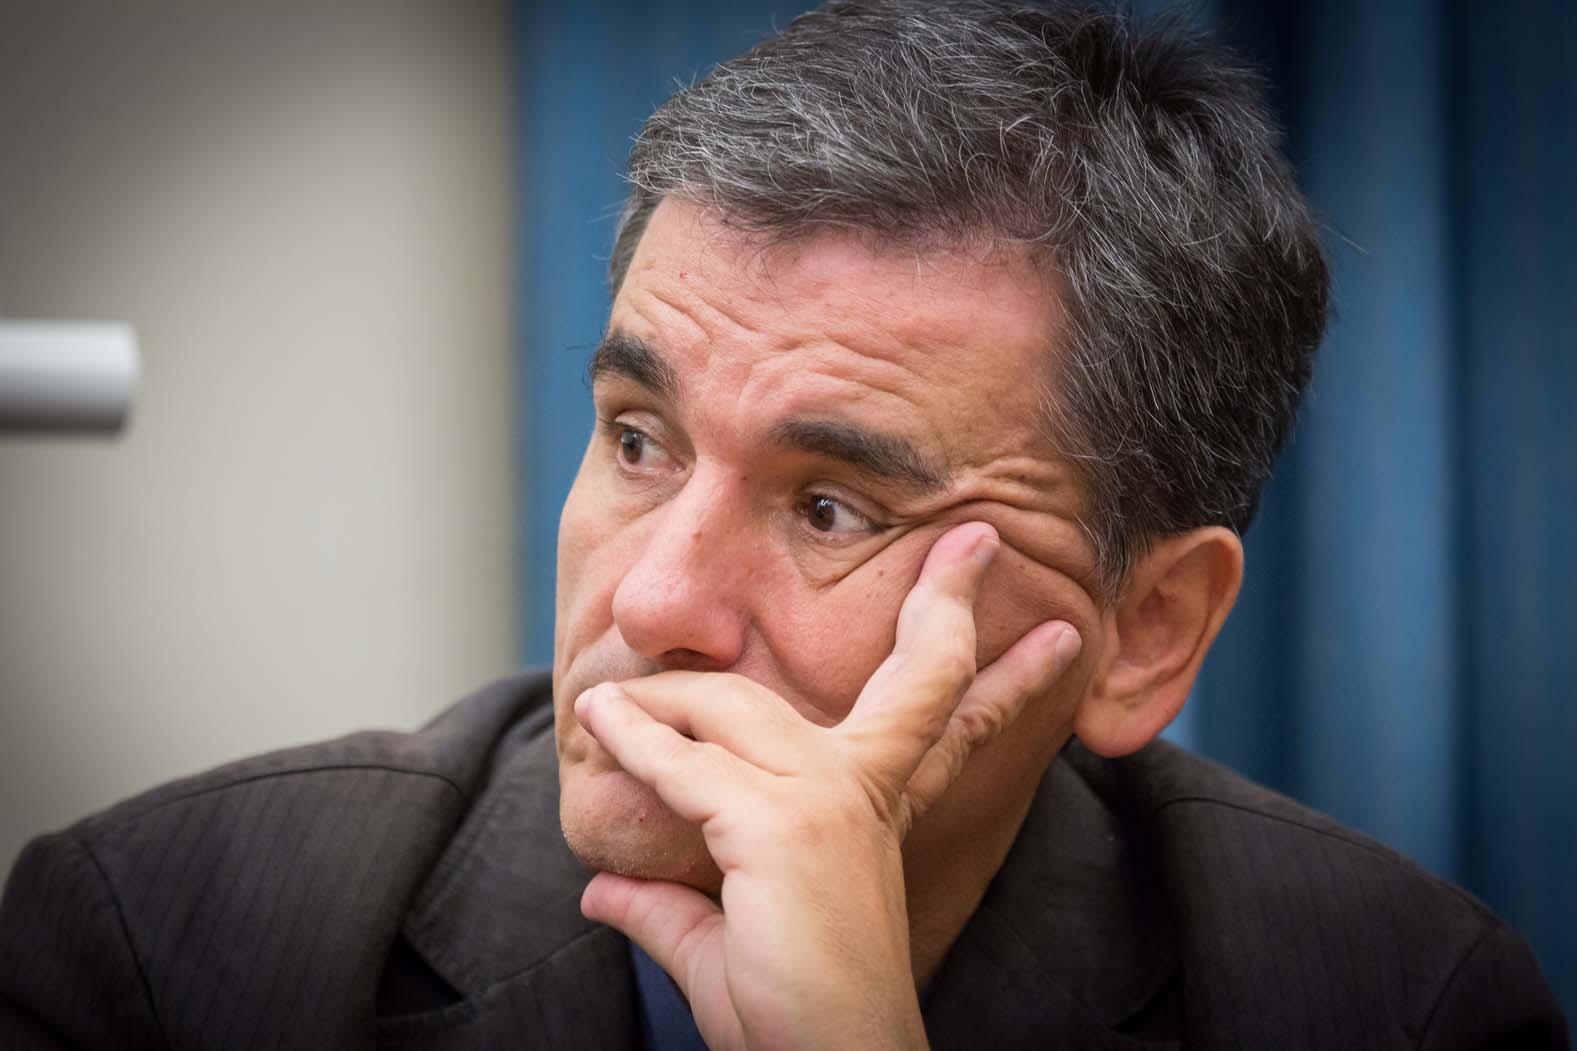 Τσακαλώτος: Μια αριστερή κυβέρνηση δεν φτάνει, θα χάσουμε